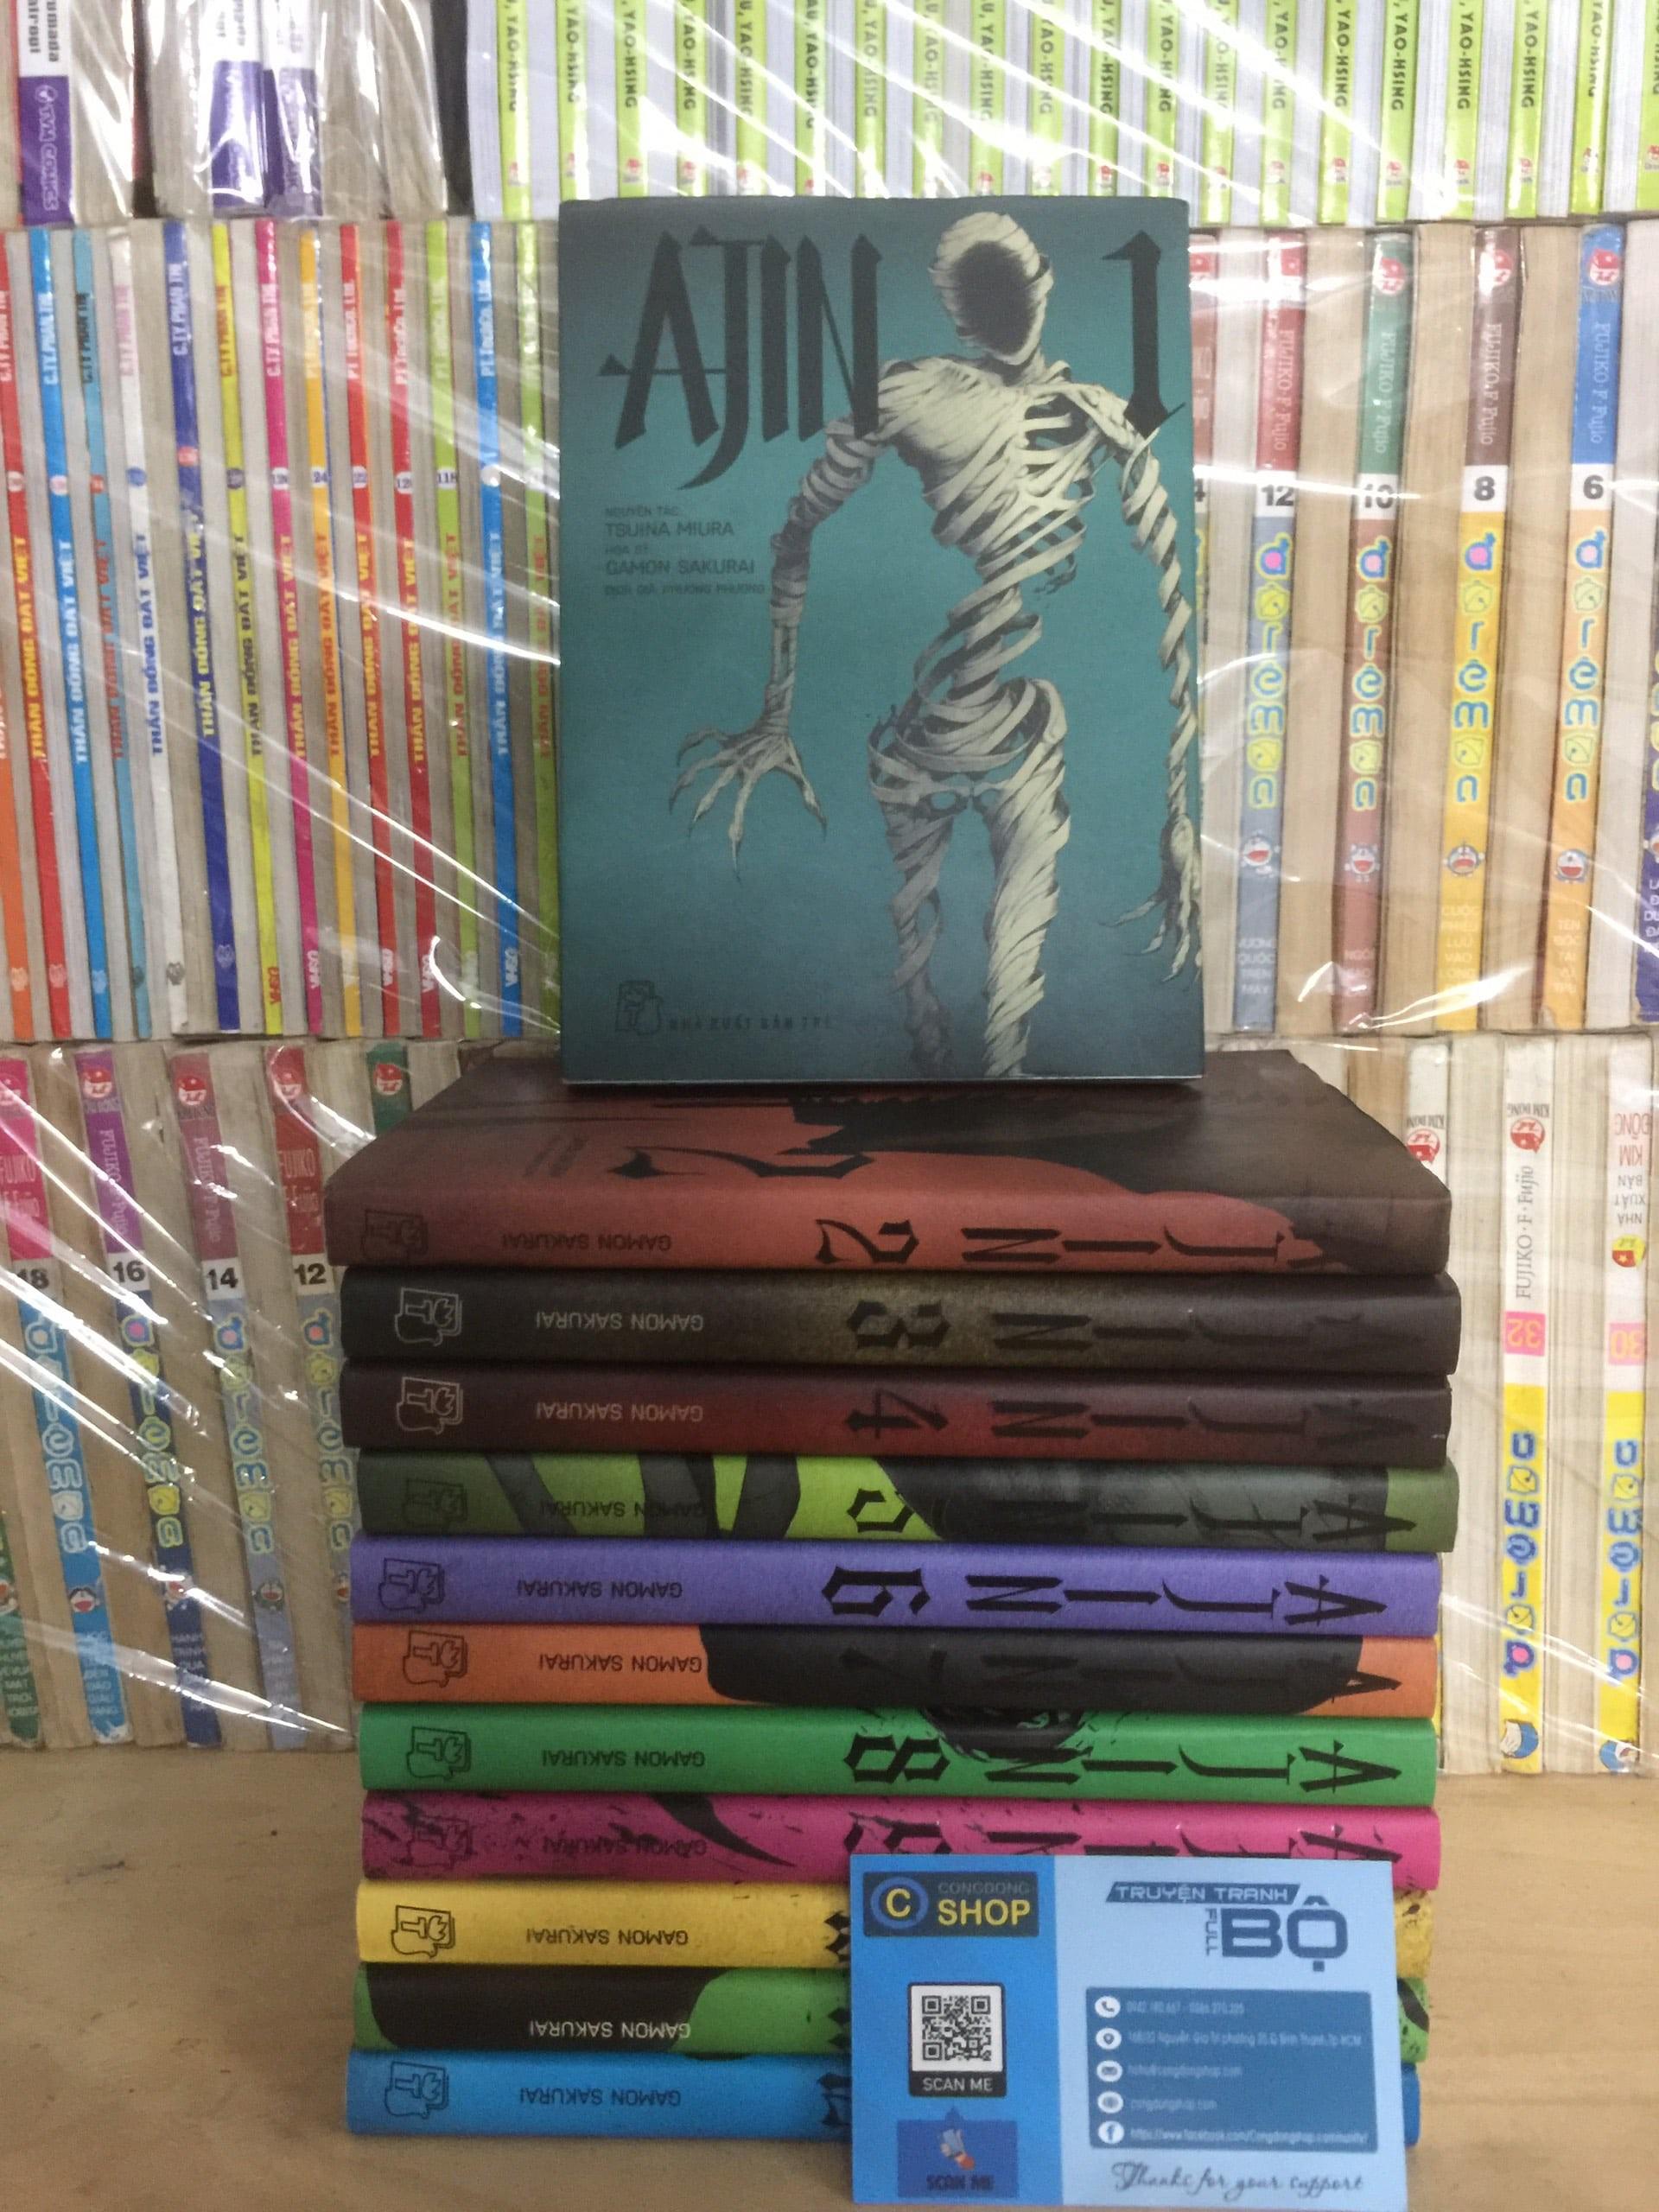 Truyện tranh Ajin trọn bộ 12 tập